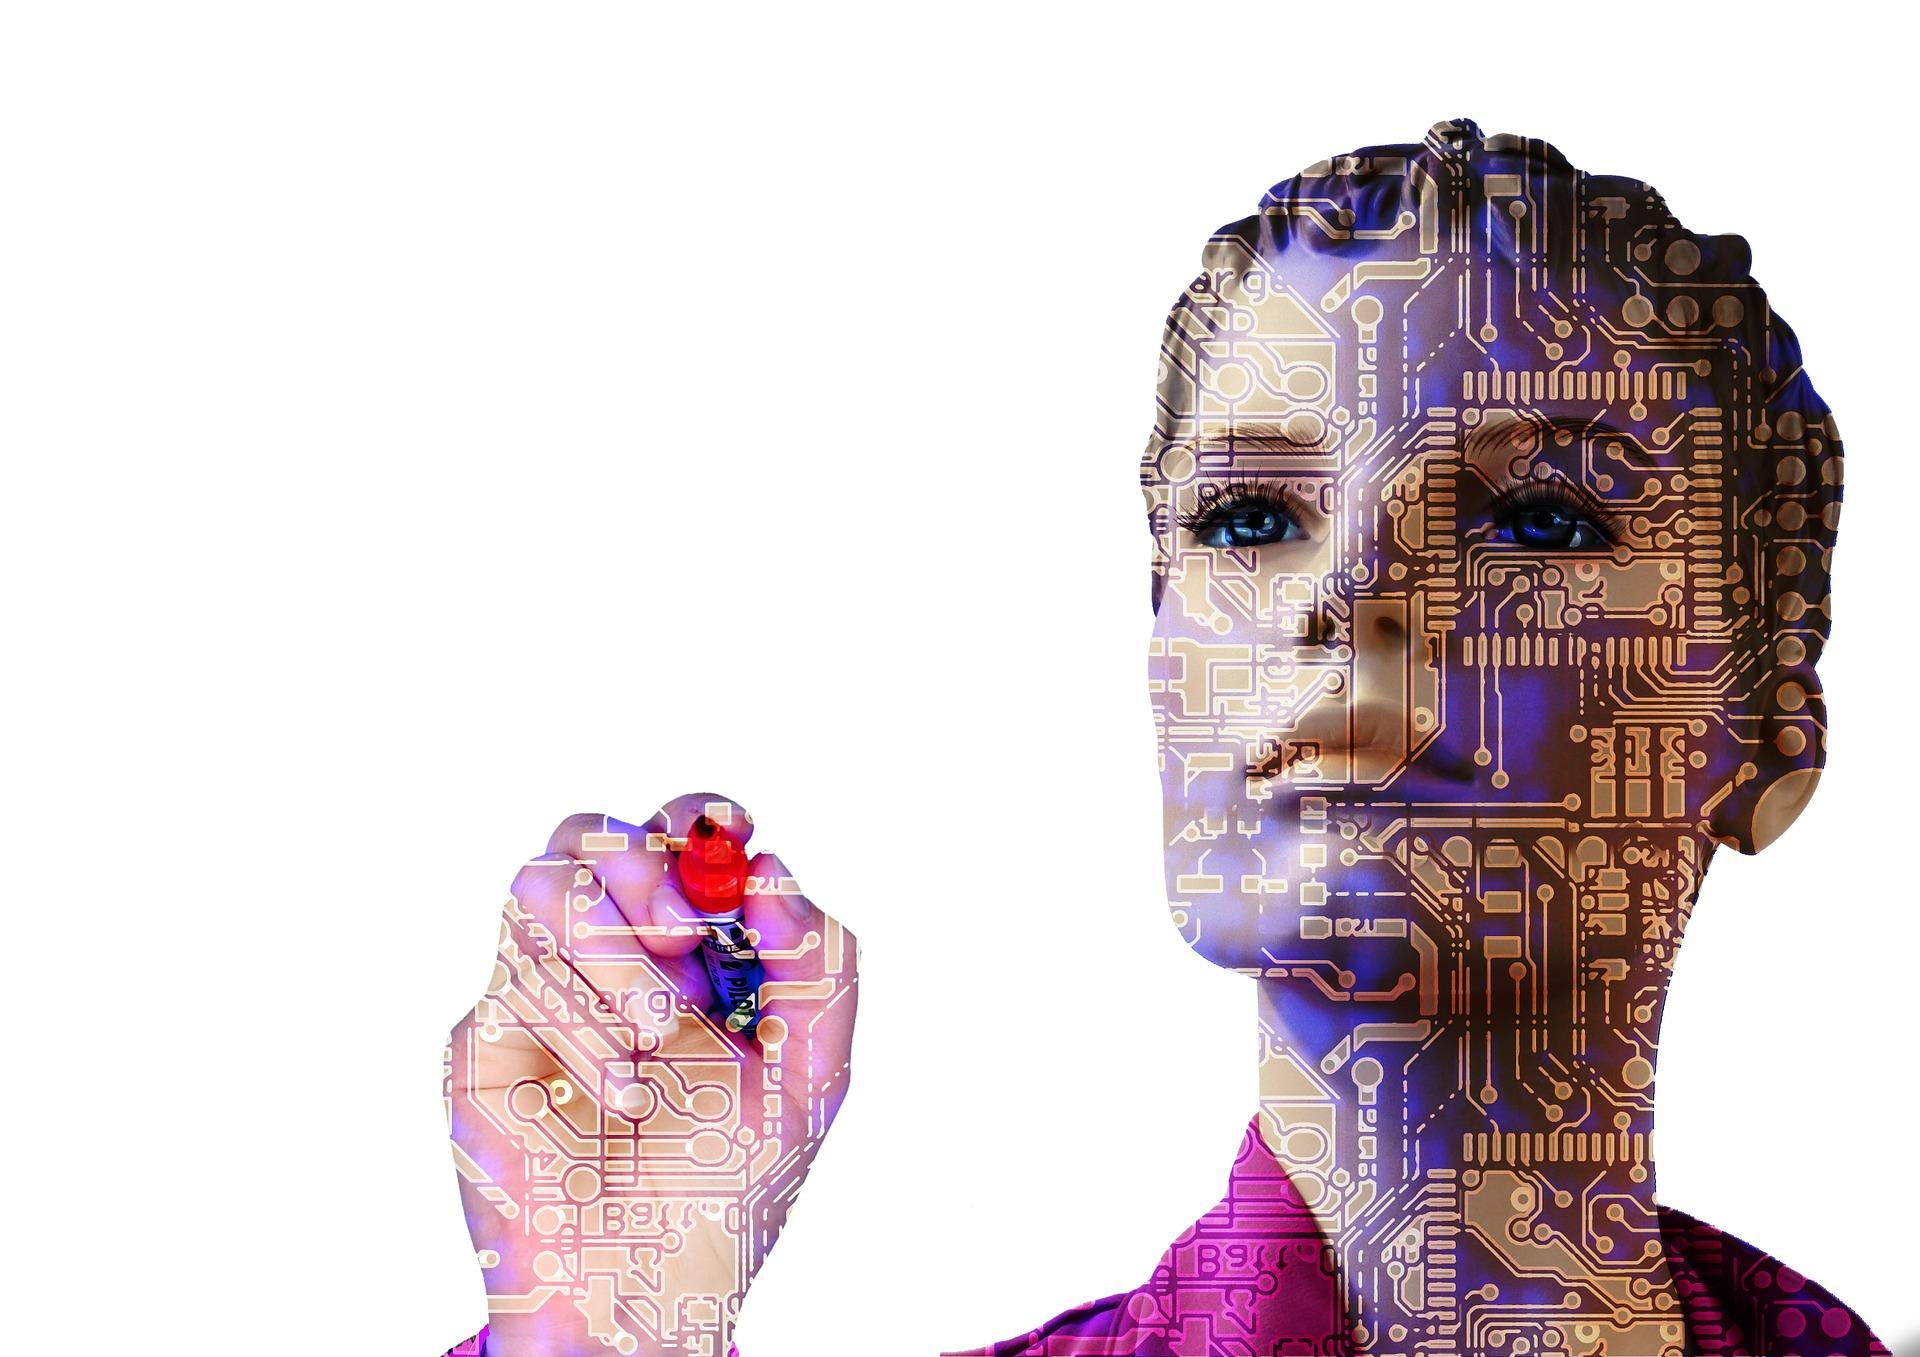 Technologiebedrijven azen op vrouwen